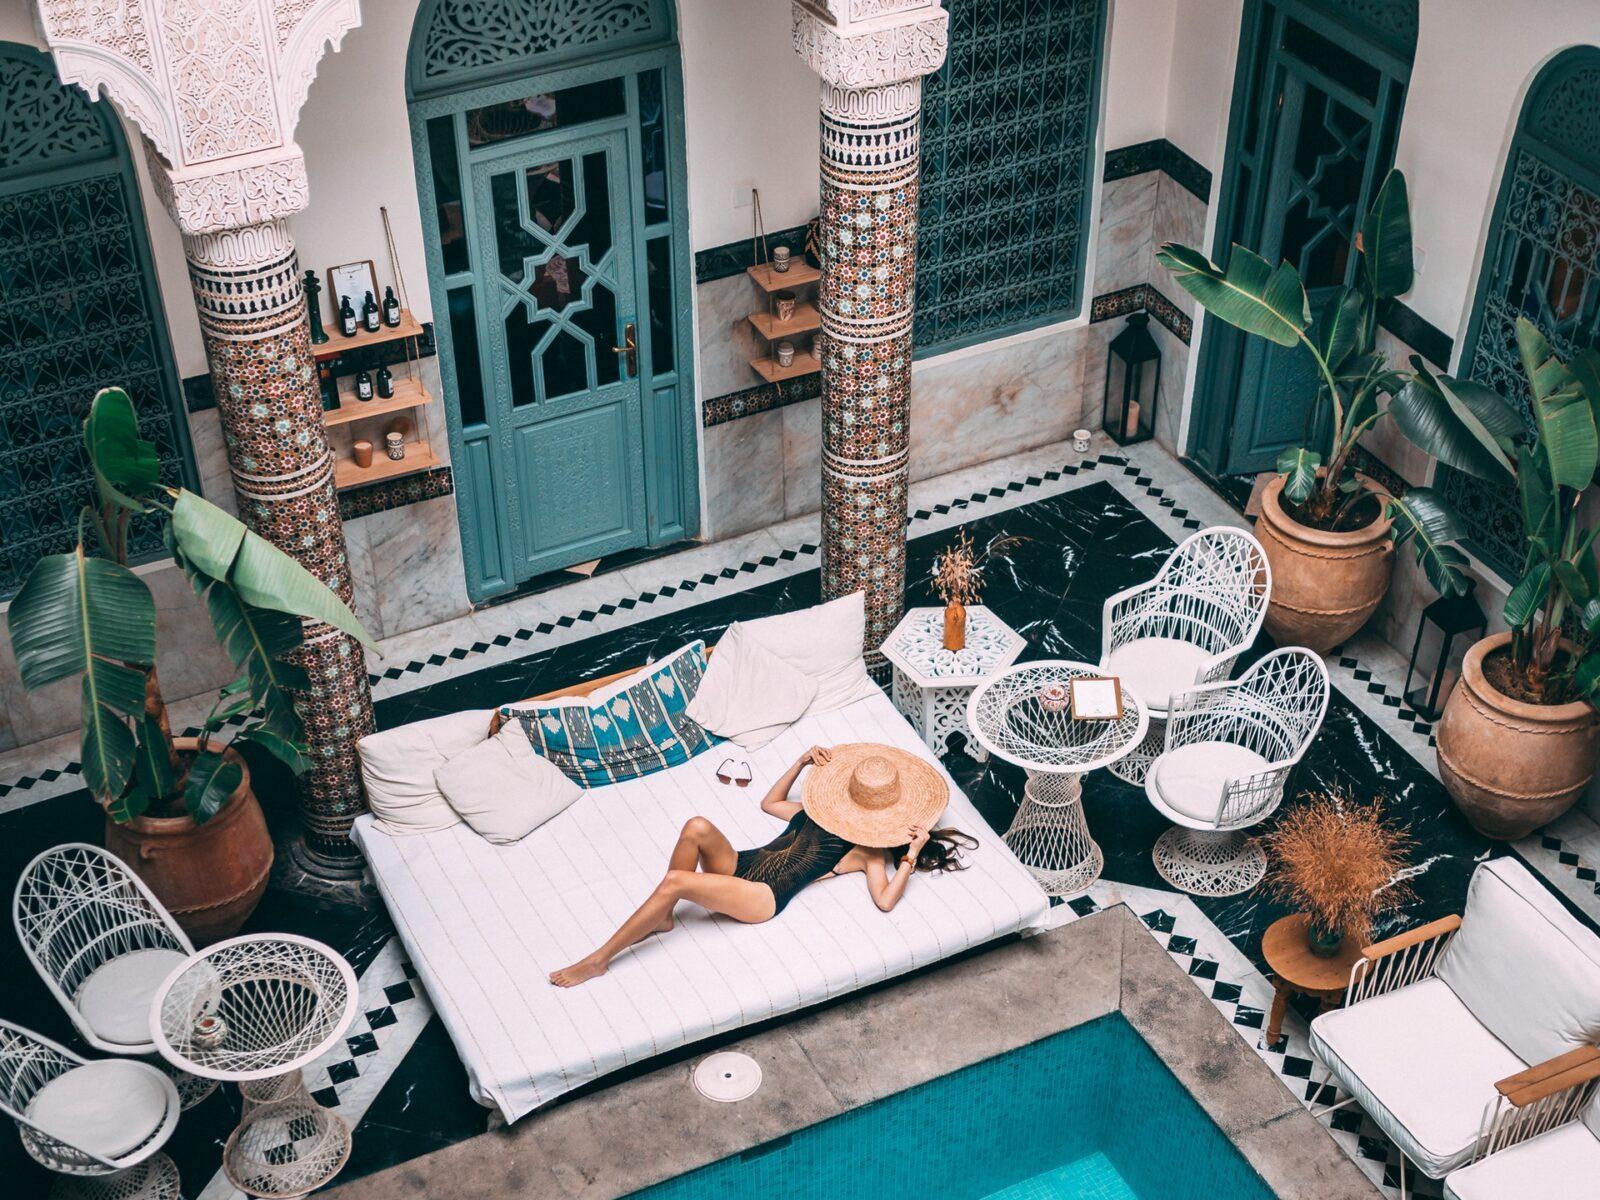 pexels taryn elliott 3889843 1 1536x1152 - Guide Morocco Tours